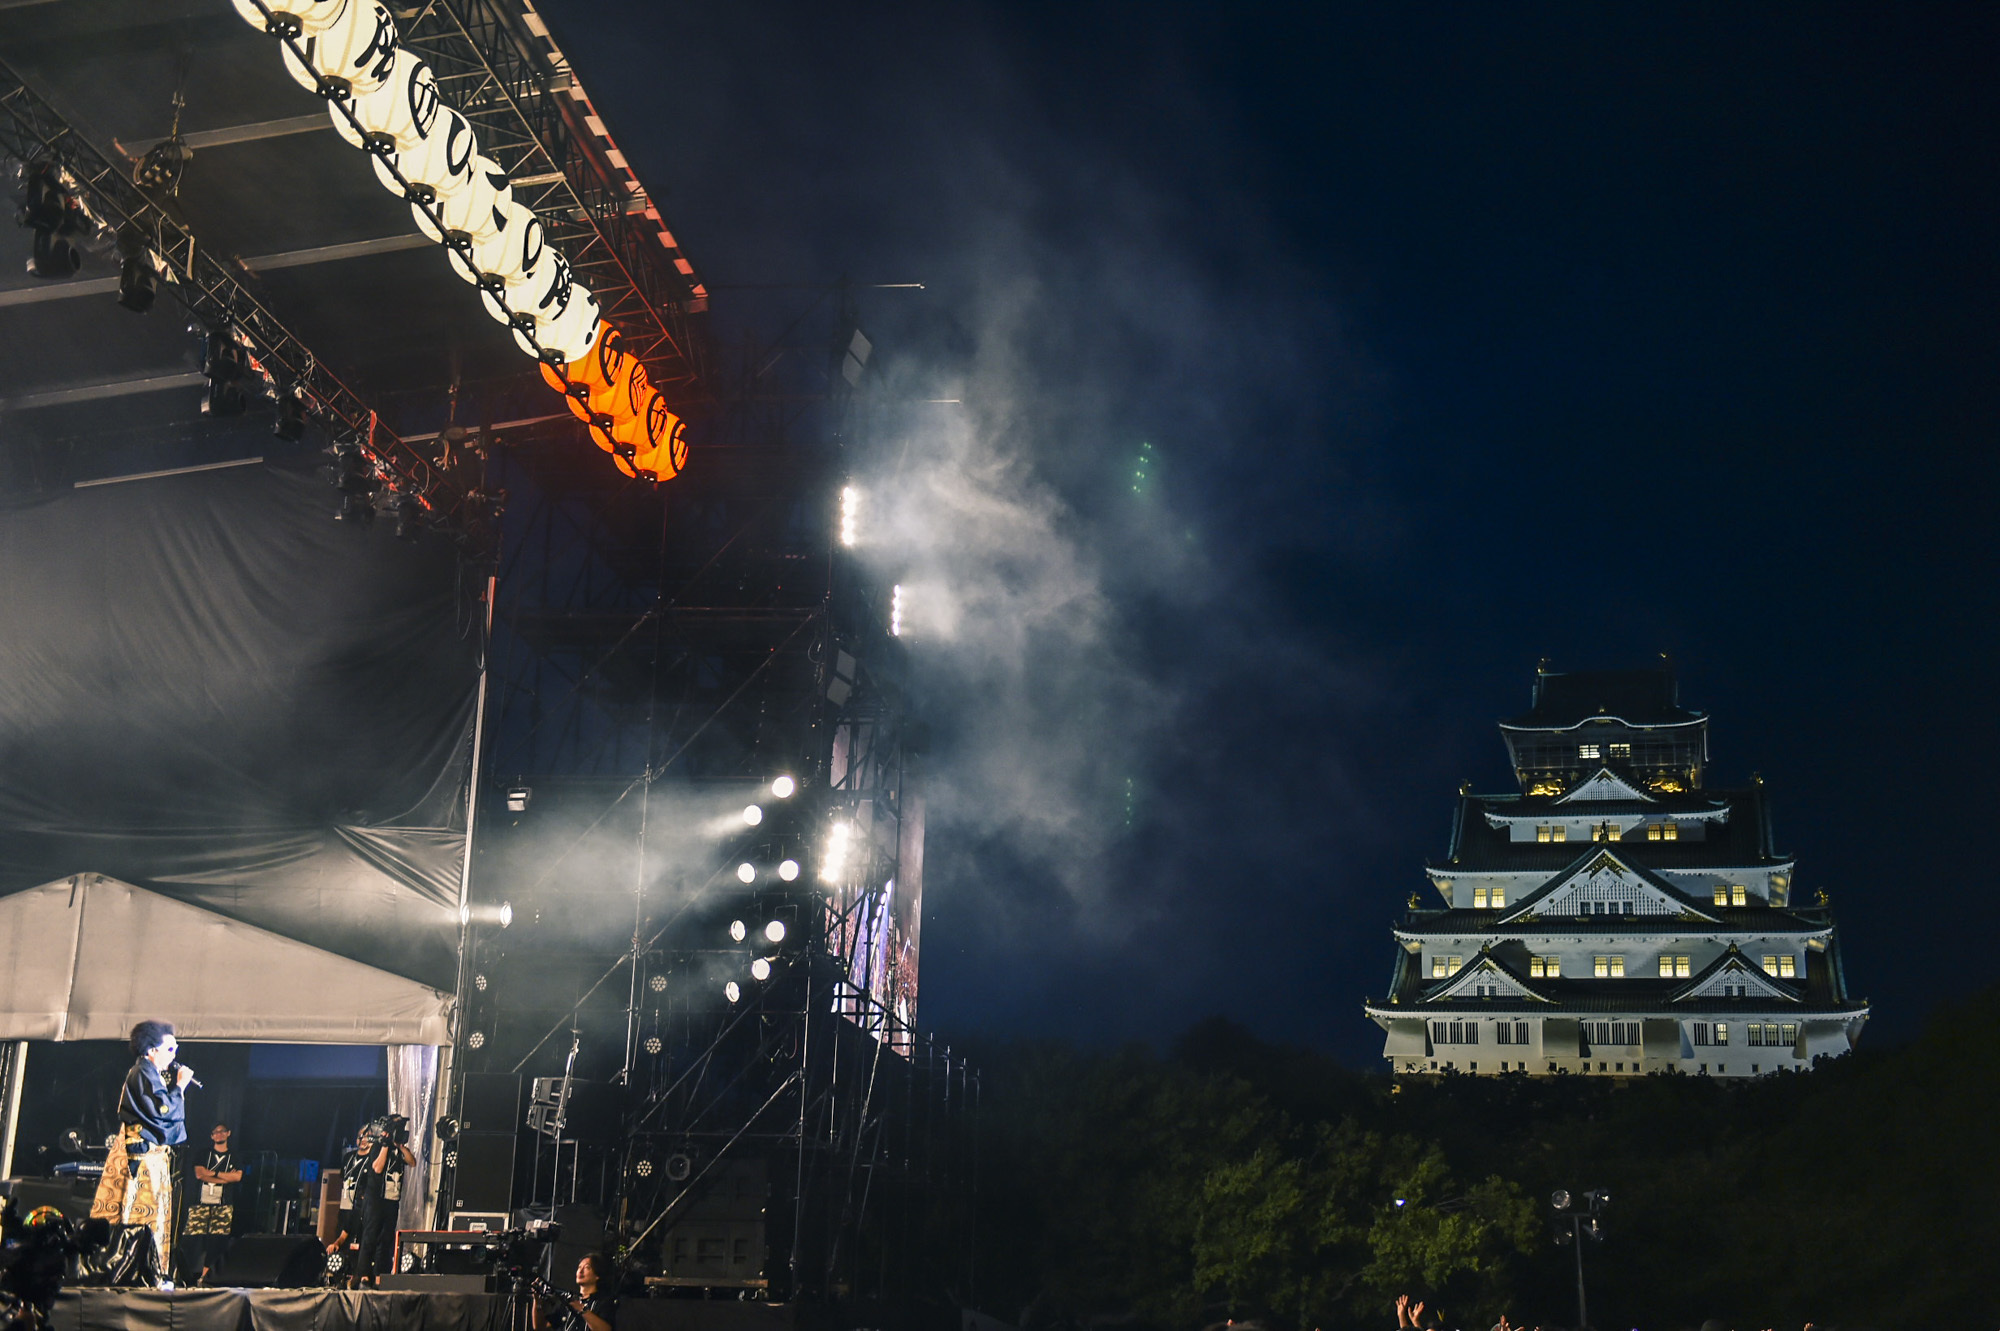 レキシ『お城でライブができる喜びを皆で分かちあおう〜あれ?大阪、いつの陣?〜』 撮影=田中聖太郎